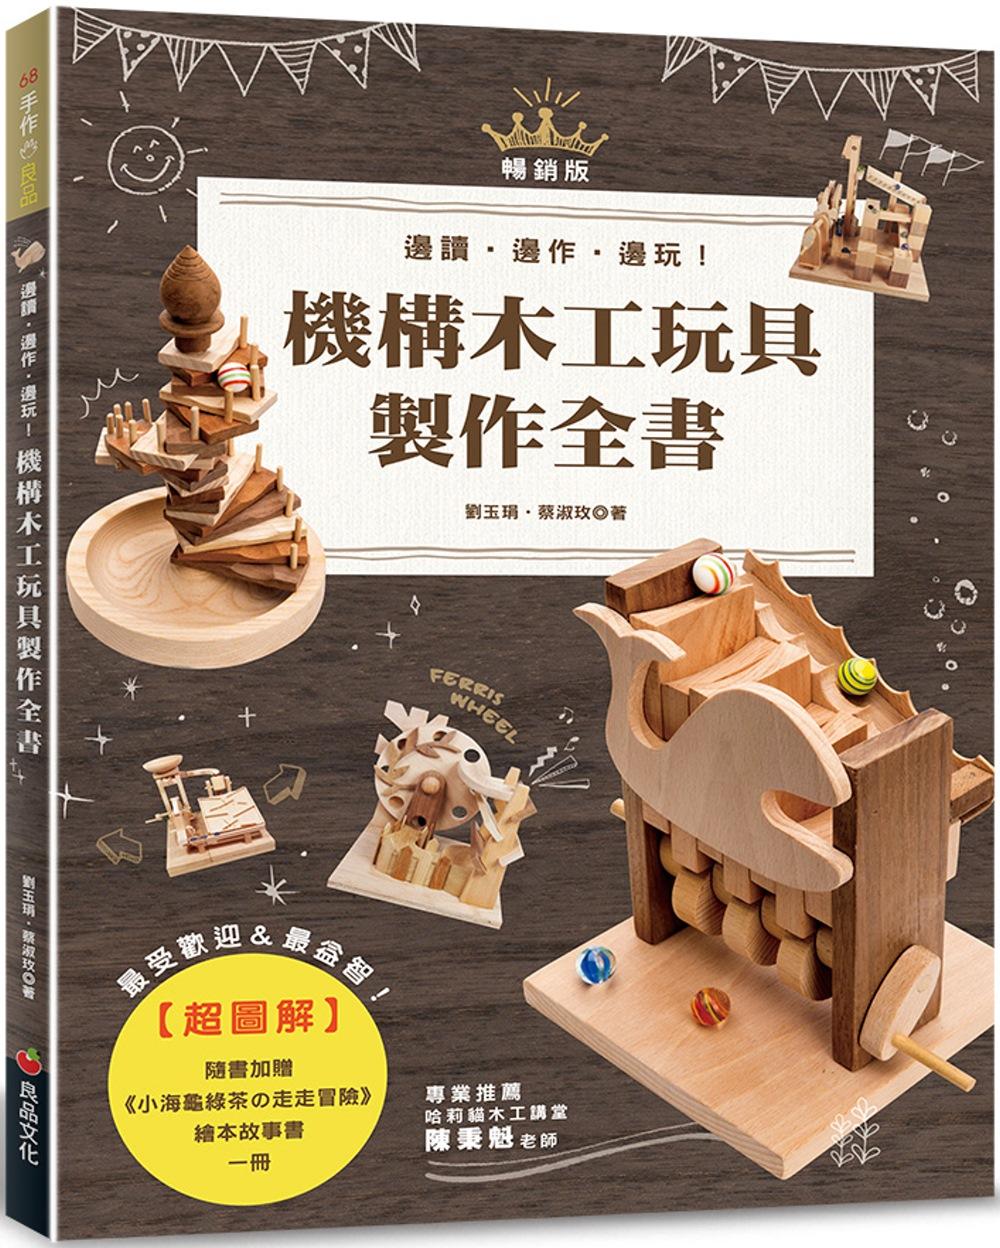 超圖解機構木工玩具製作全書(暢...